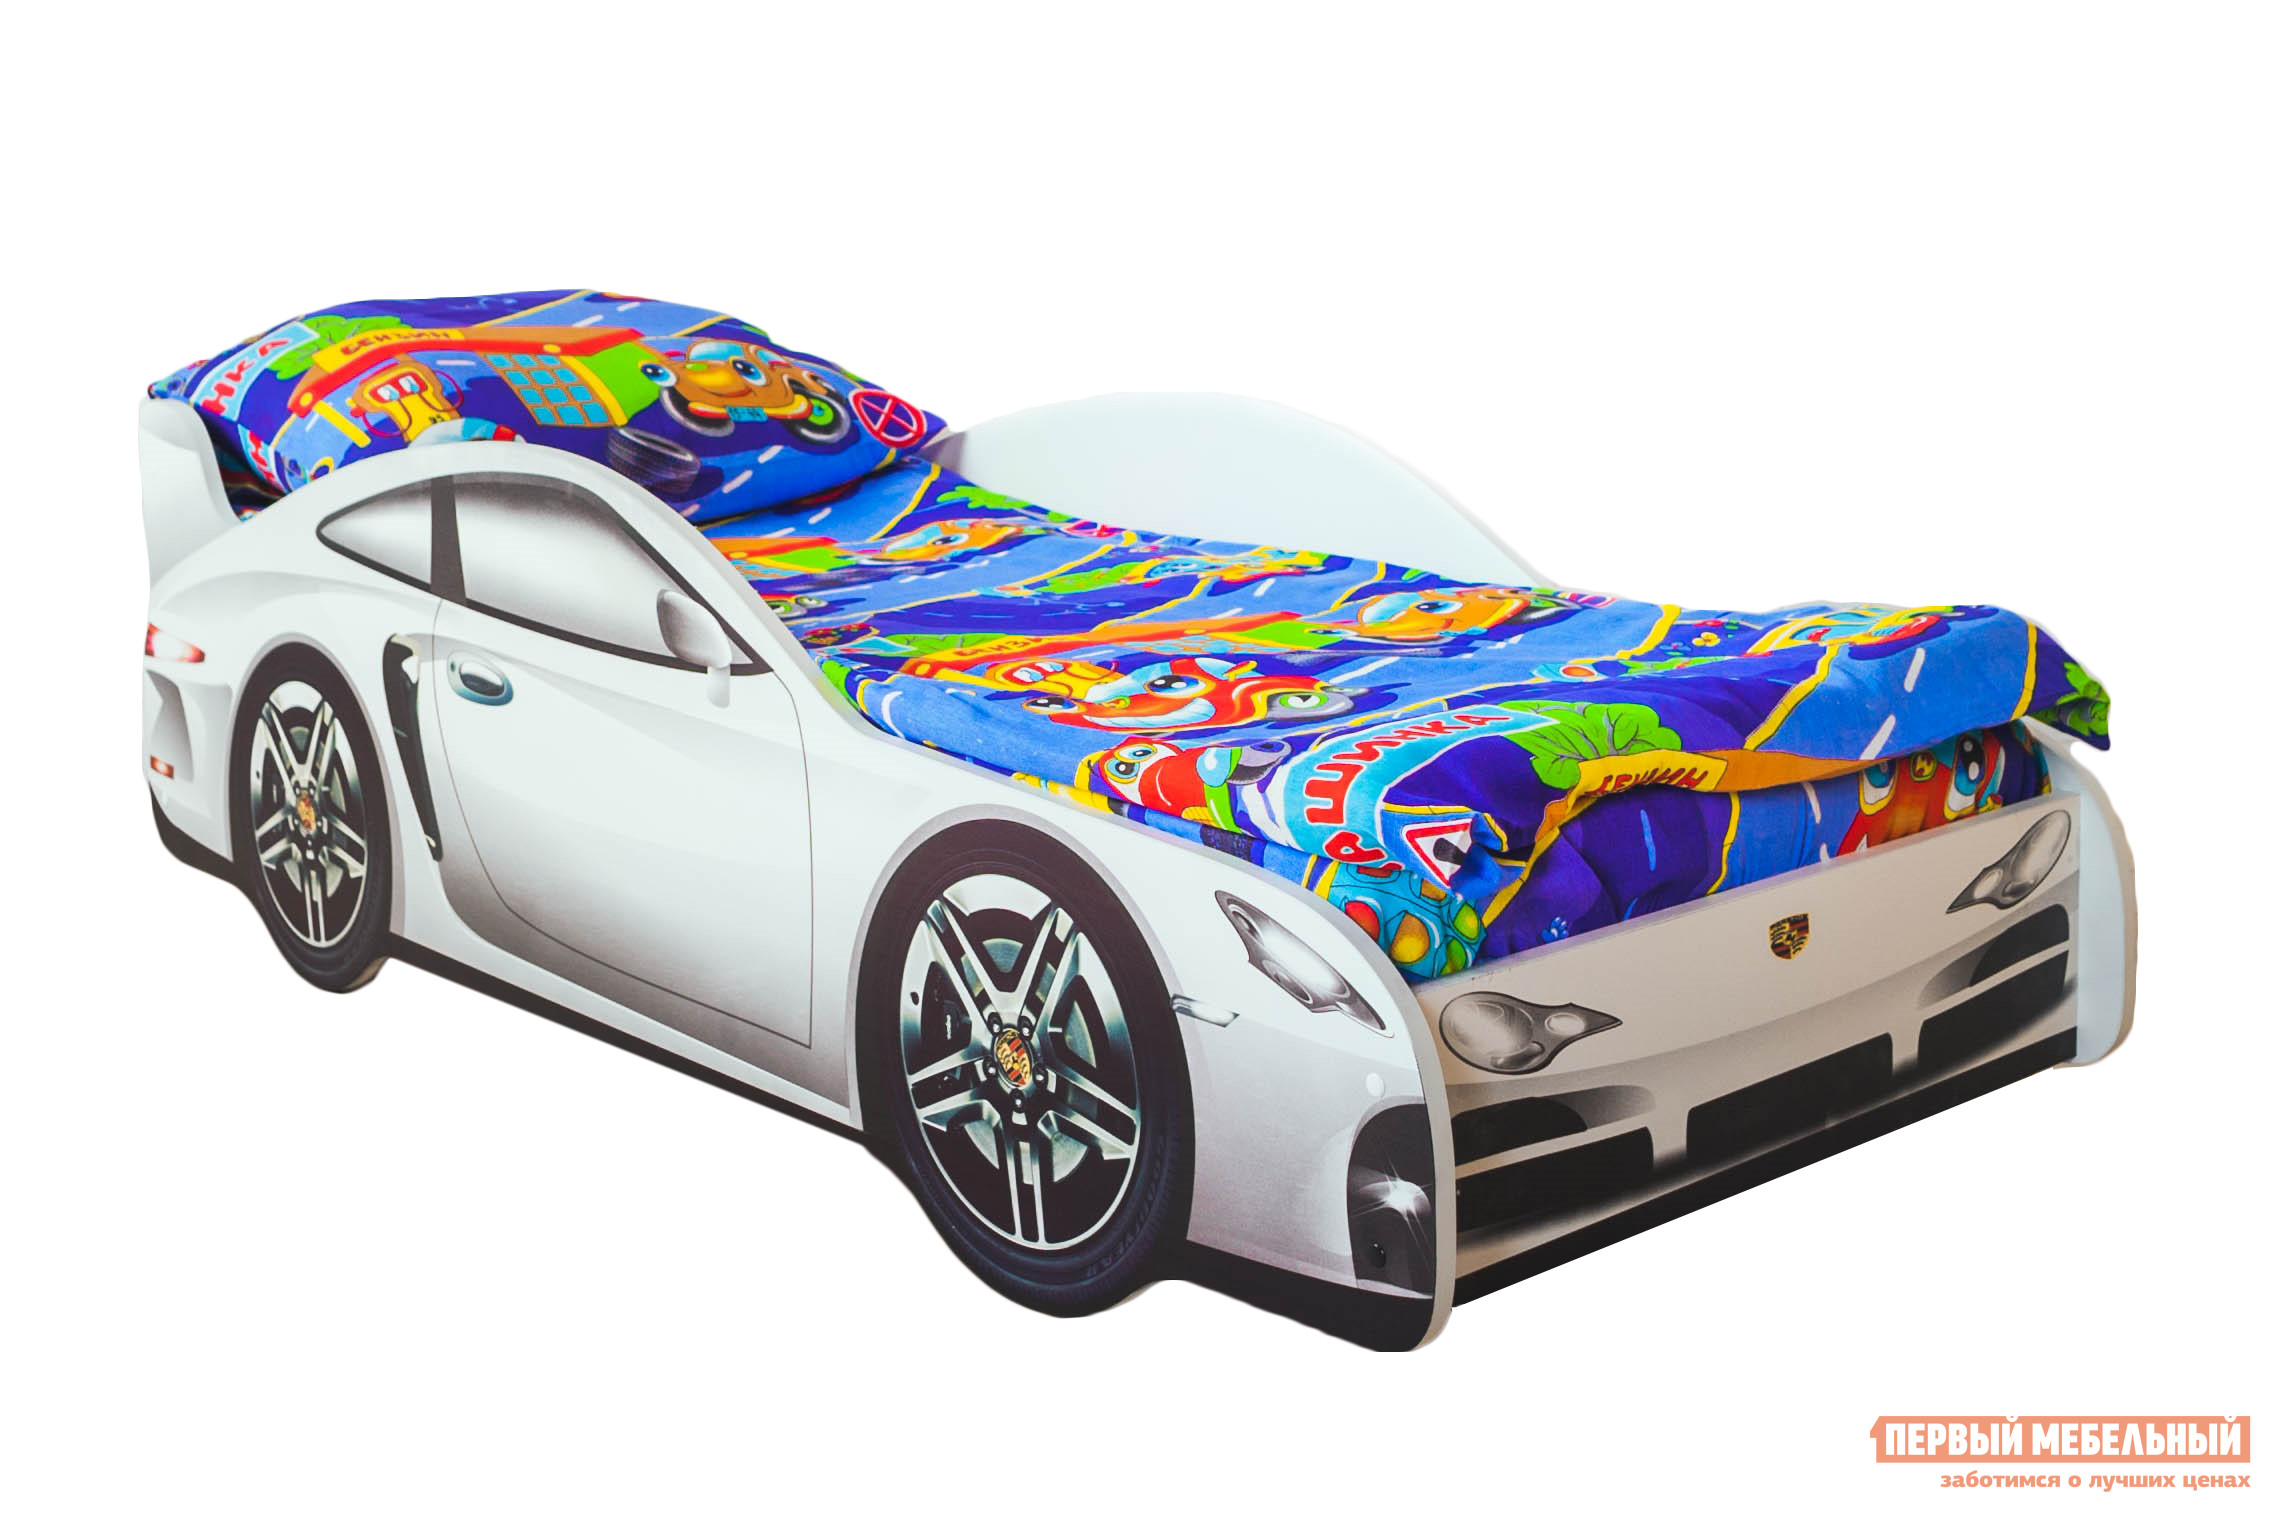 Кровать-машина Бельмарко Порше Белый, Без матрасаКровати-машины<br>Габаритные размеры ВхШхГ 500x750x1700 мм. Кроватка, исполненная в виде роскошного автомобиля, перенесет вашего ребенка в мир скорости и веселья. Размер спального места составляет 700х1600 мм. Боковые линии кровати позволяют взрослому удобно сидеть, пока ребенок засыпает, при этом малыш никогда не упадет во сне. Модель очень легко собирается в течении 10 минут. Основание под матрас — деревянные прочные латы, выдерживающие нагрузку до 200 кг.  Латы позволяют матрасу «дышать», если он намокнет — достаточно его перевернуть и он высохнет. Материал изготовления — ЛДСП класса E1 с прямой ультрафиолетовой печатью, что обеспечивает долговечность и безопасность в эксплуатации. Обратите внимание! Необходимо выбрать комплектацию: с матрасом или без. Также вы можете дополнительно заказать светодиодную подсветку дна кровати и пластиковые объемные колеса, с которыми вы можете более подробно ознакомиться во вкладке «Аксессуары».<br><br>Цвет: Белый<br>Цвет: Белый<br>Высота мм: 500<br>Ширина мм: 750<br>Глубина мм: 1700<br>Кол-во упаковок: 2<br>Форма поставки: В разобранном виде<br>Срок гарантии: 1 год<br>Материал: Деревянные, из ЛДСП<br>Особенности: С бортиками, С колесами, С матрасом, С подсветкой<br>Возраст: От 3-х лет<br>Модель: Гонка<br>Пол: Для девочек, Для мальчиков